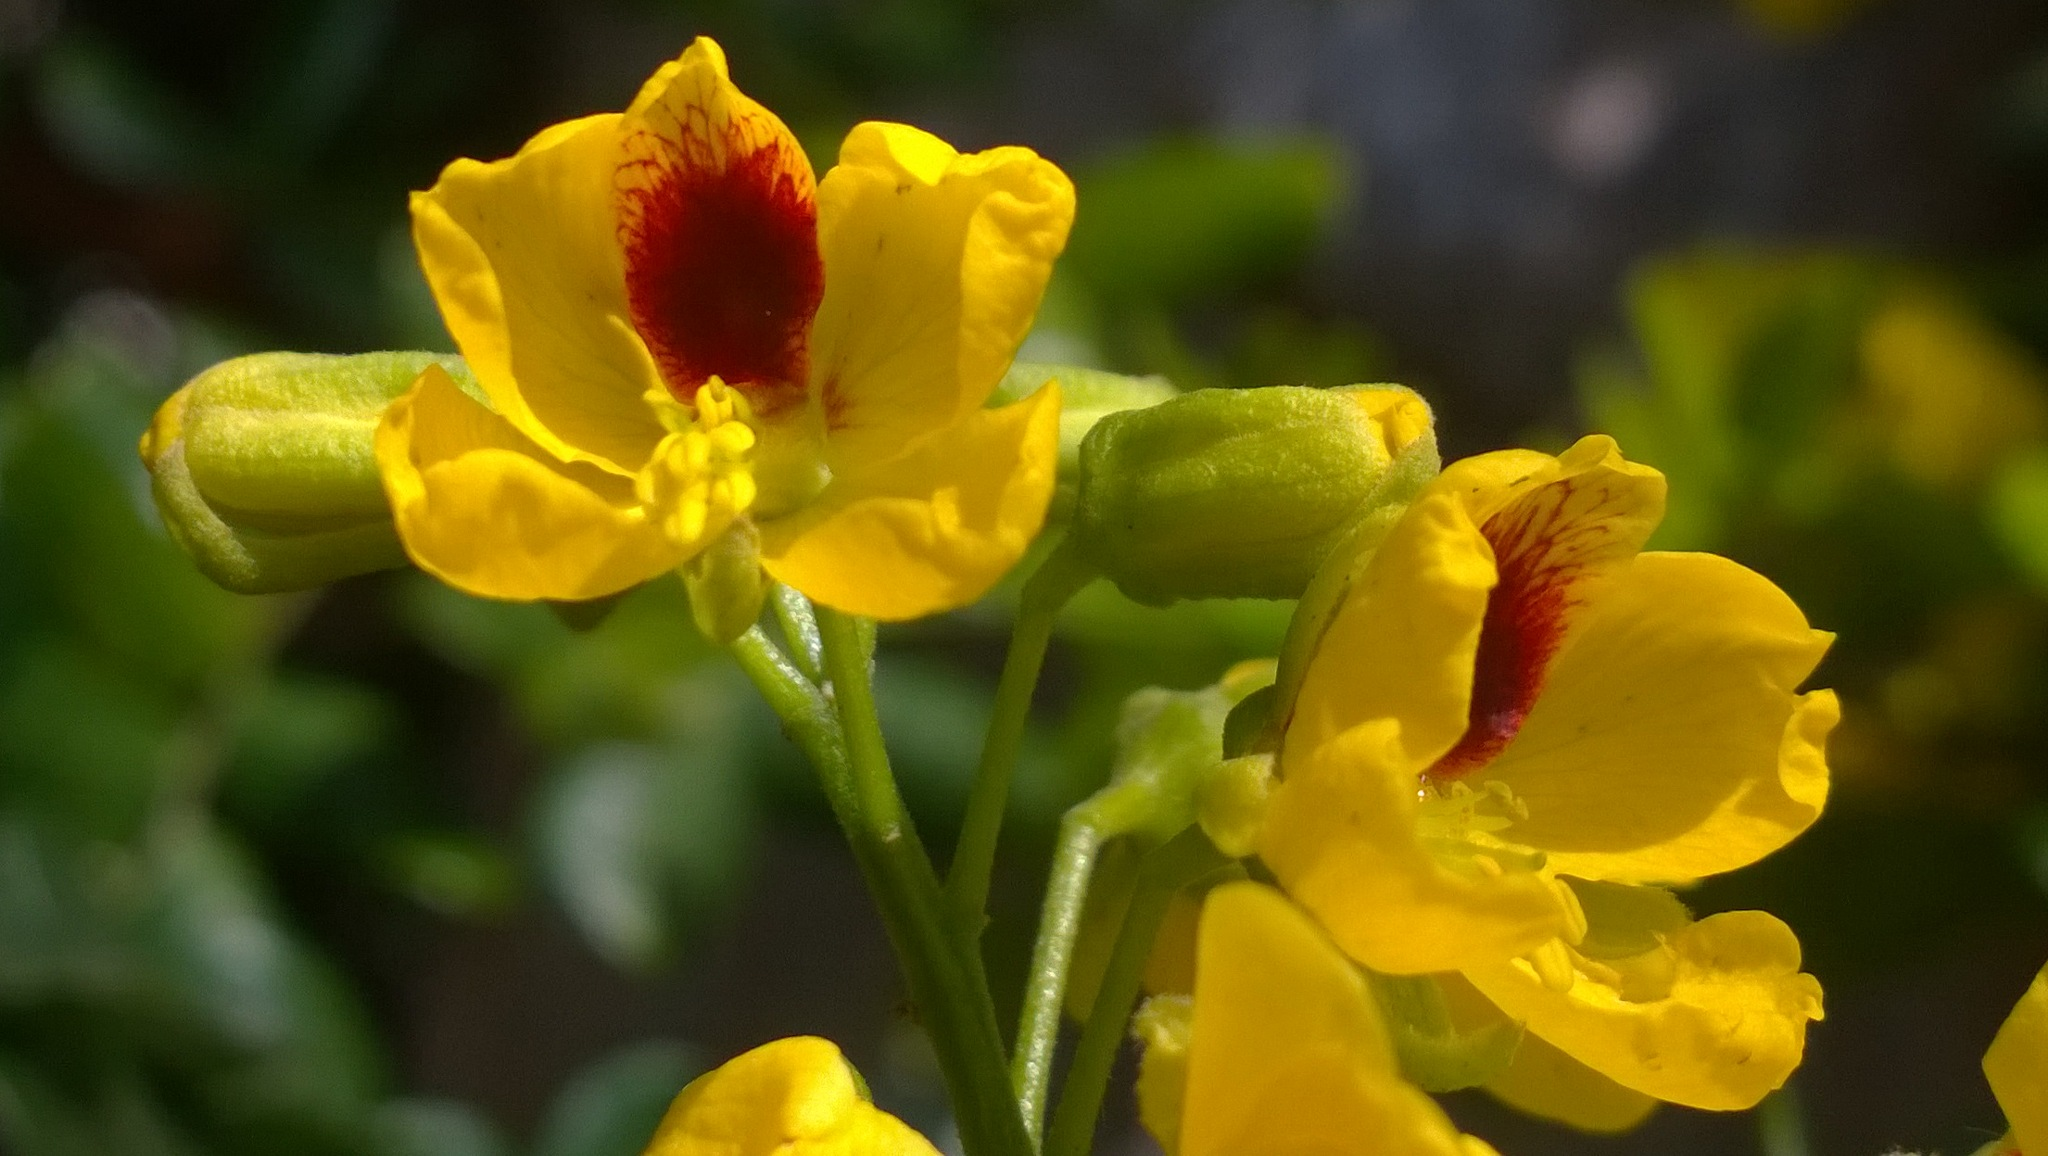 Pau Brasil em flor. Pau Brazil in bloom. by xande.rachid